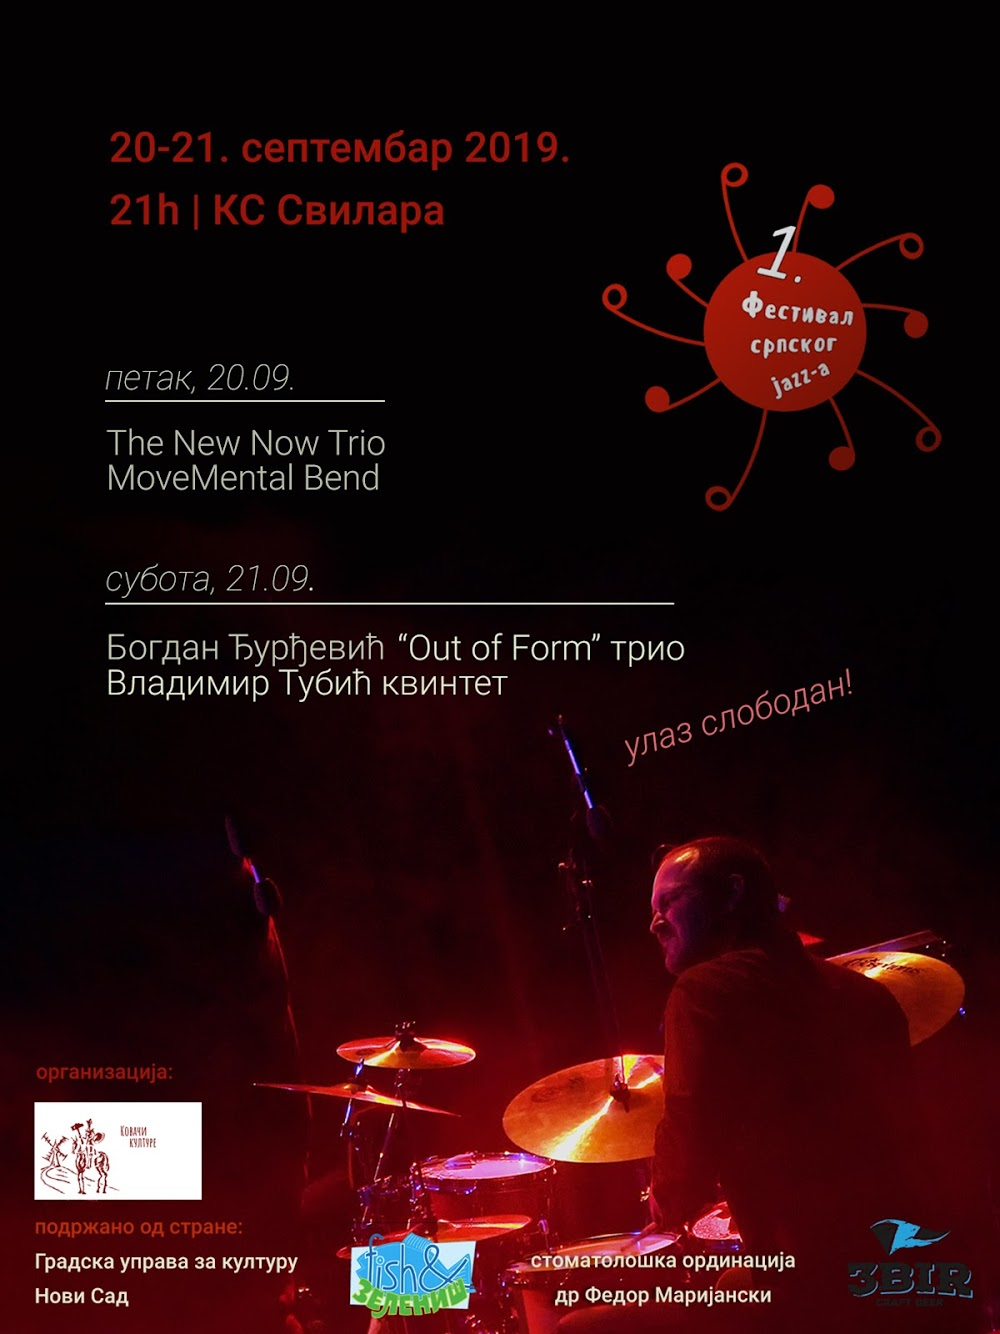 Нови Сад: Фестивал српског jazz-a, 20. и 21. септембра у КЦ Свилара